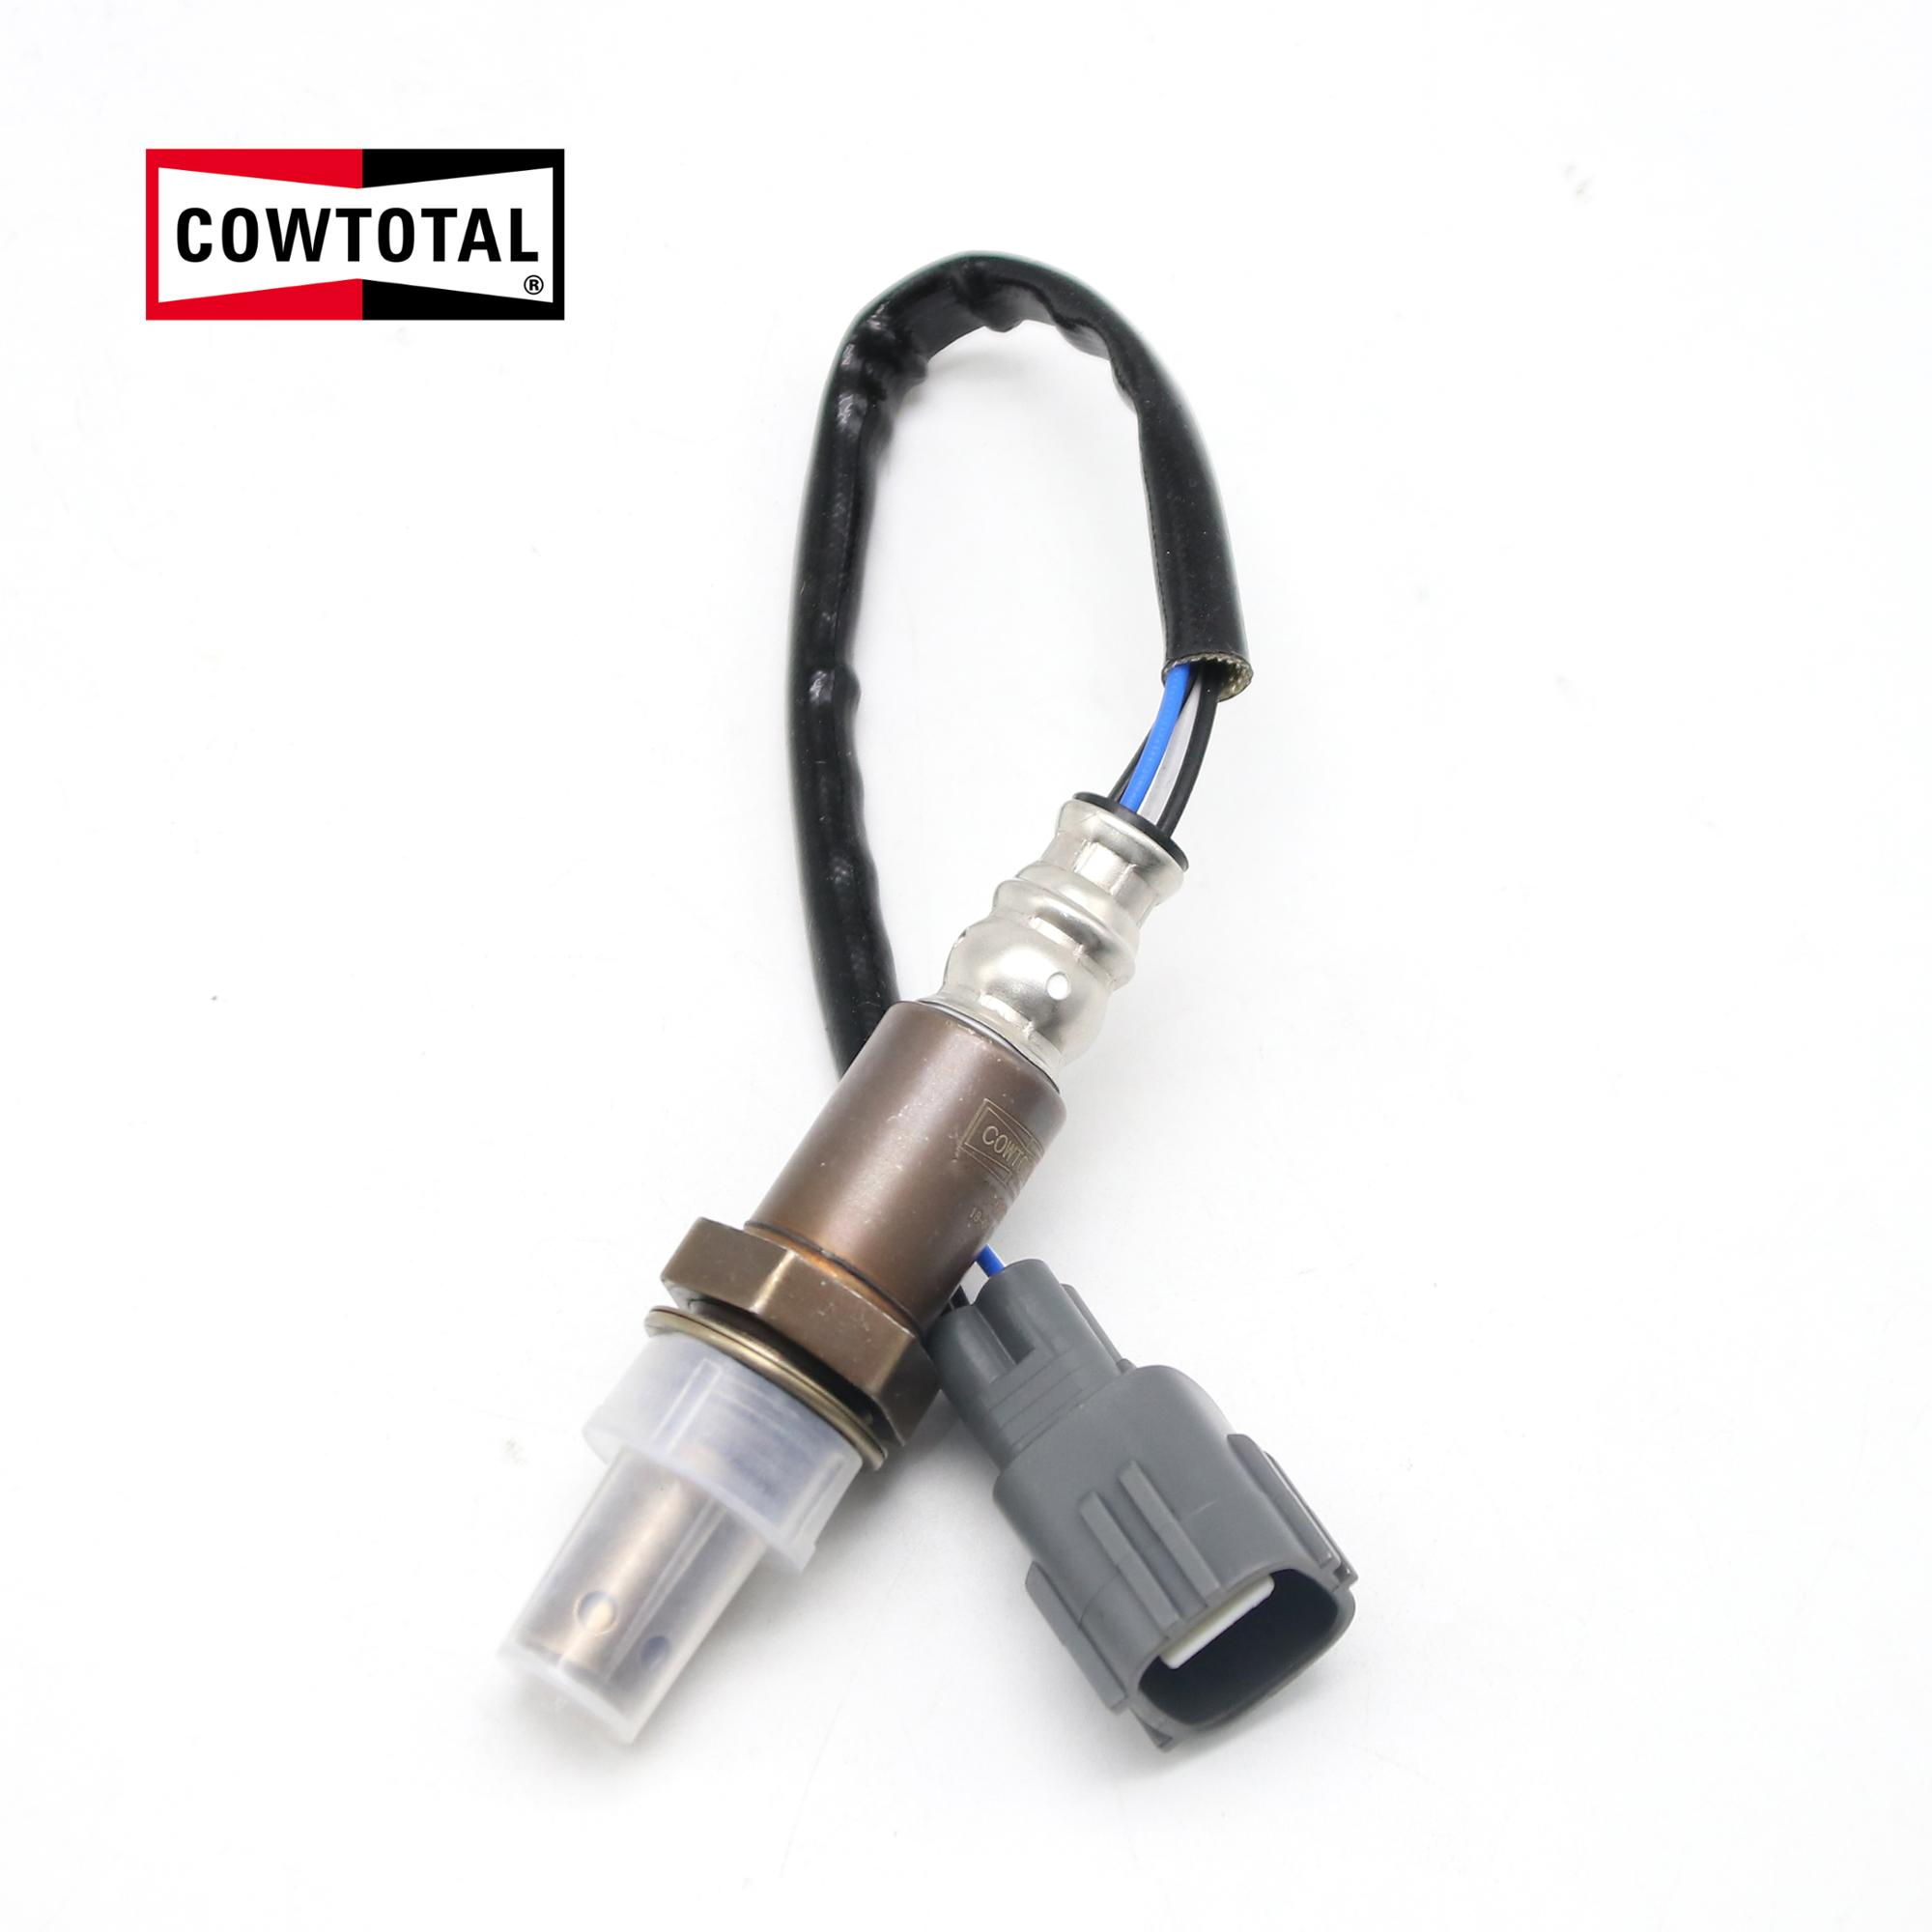 Oxygen Sensor Rear O2 for 2003-2006 Hyundai Elantra 2.0L AUTO OEM 39210-23750